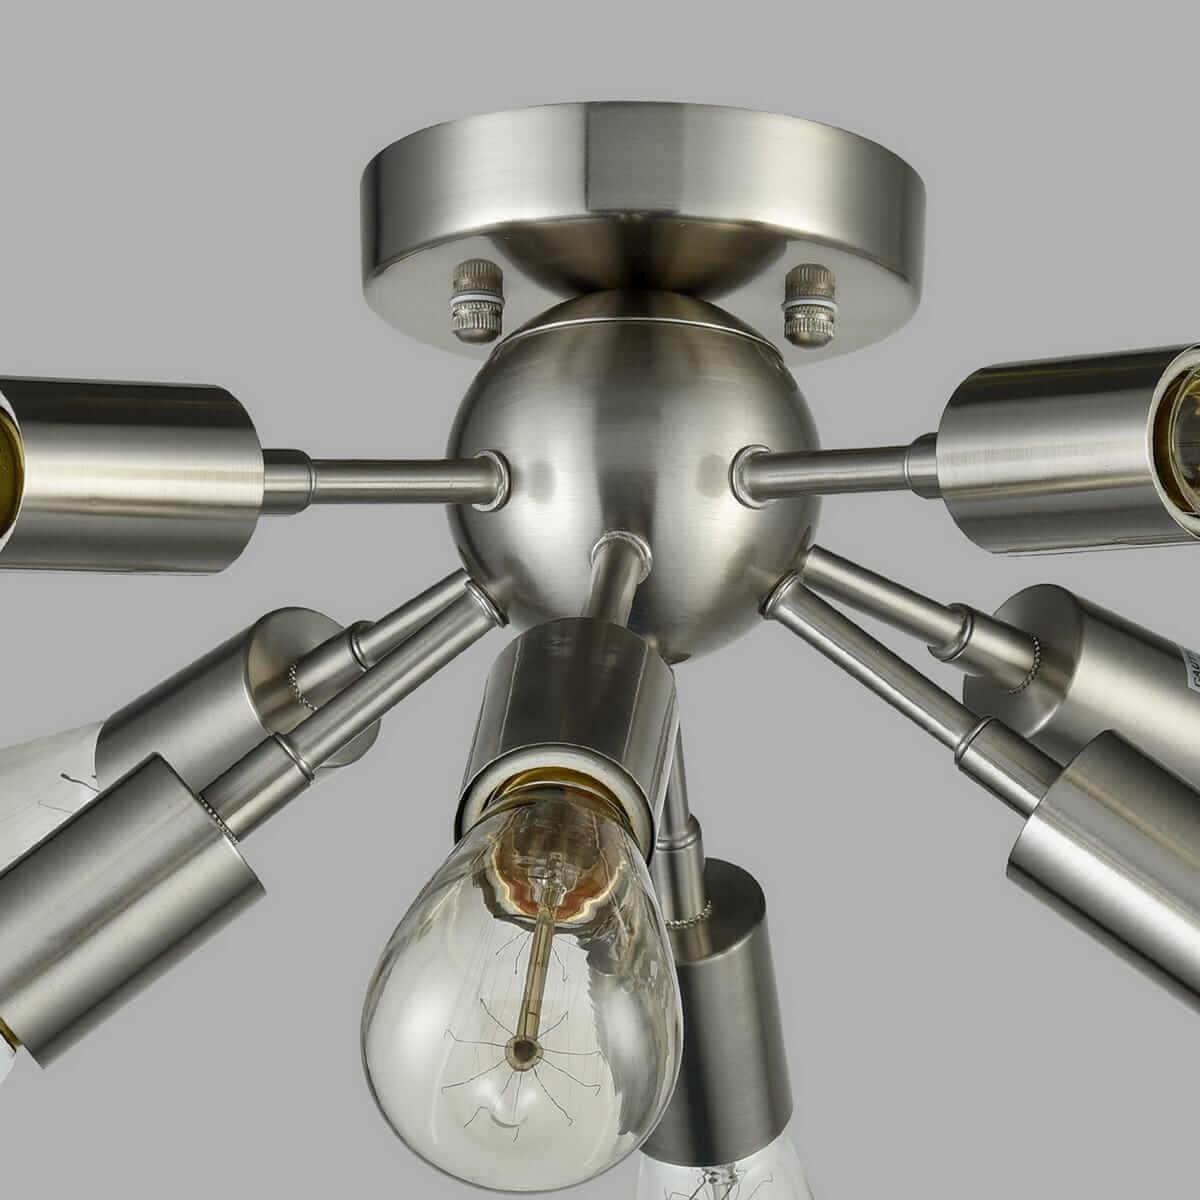 Modern Sputnik Ceiling Light 8-light Brushed Nickel Fixture